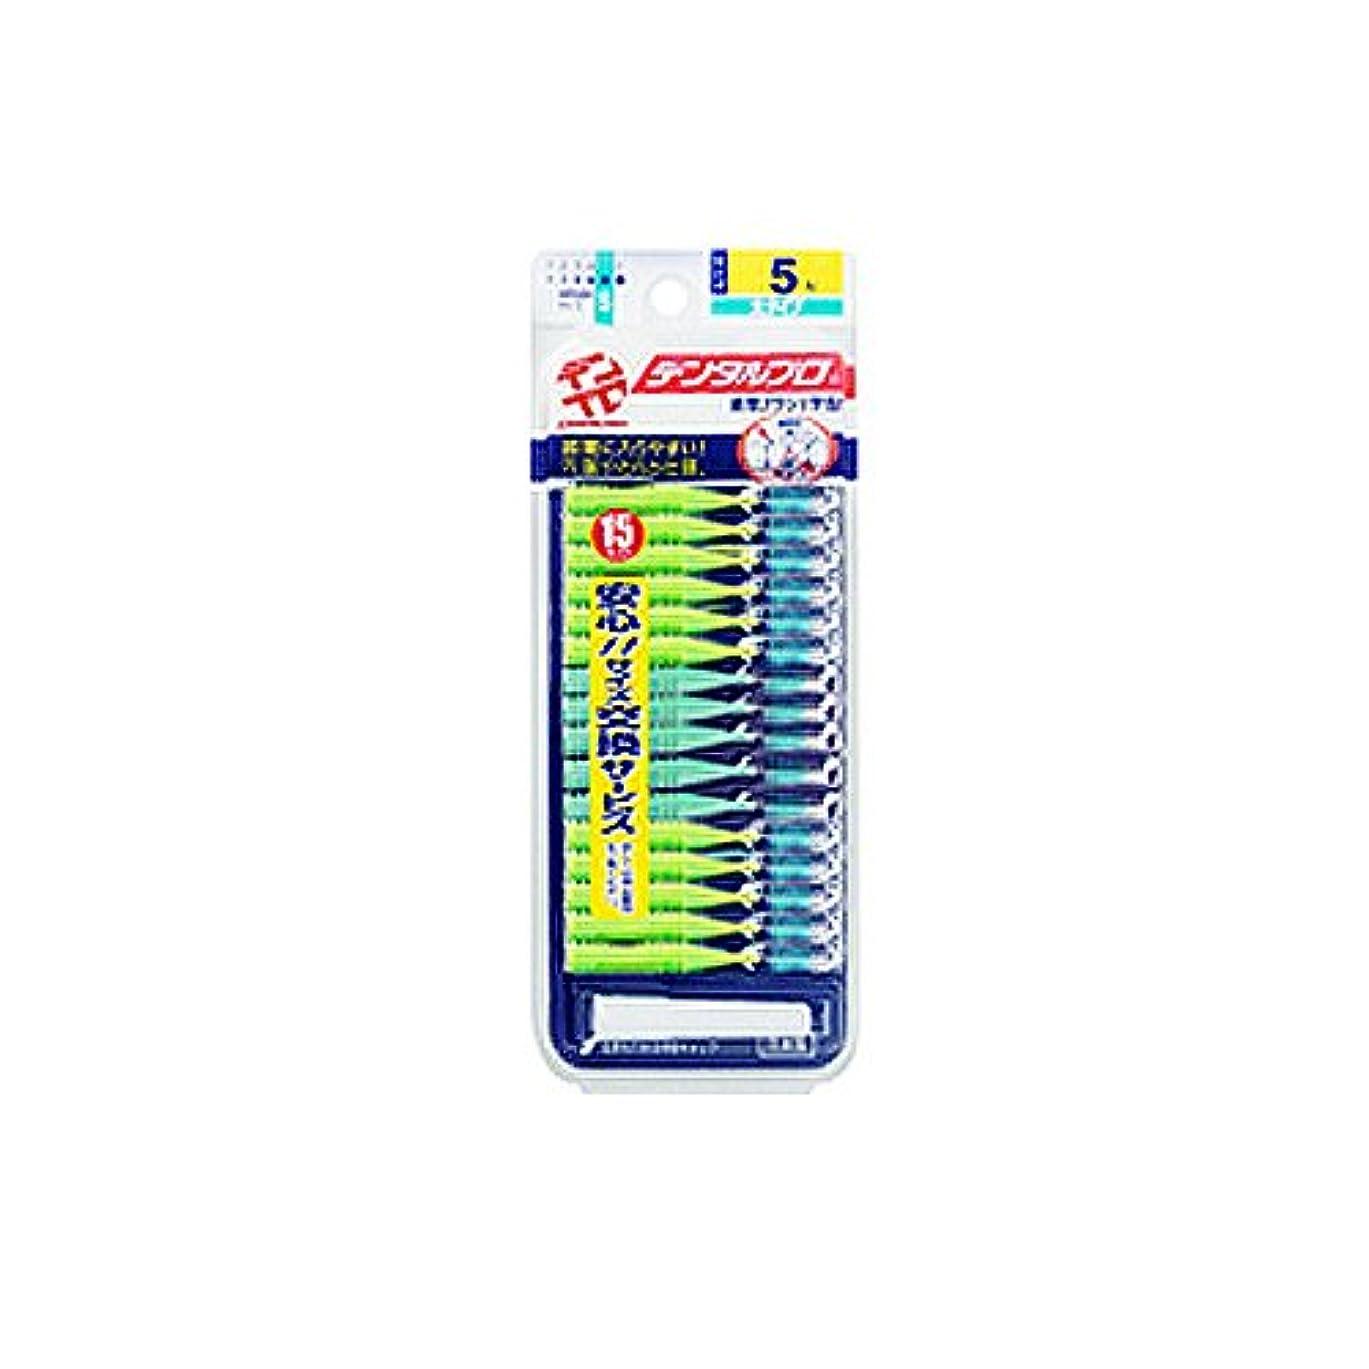 司書倍増司書デンタルプロ 歯間ブラシ I字型 15本入り サイズ5(L)